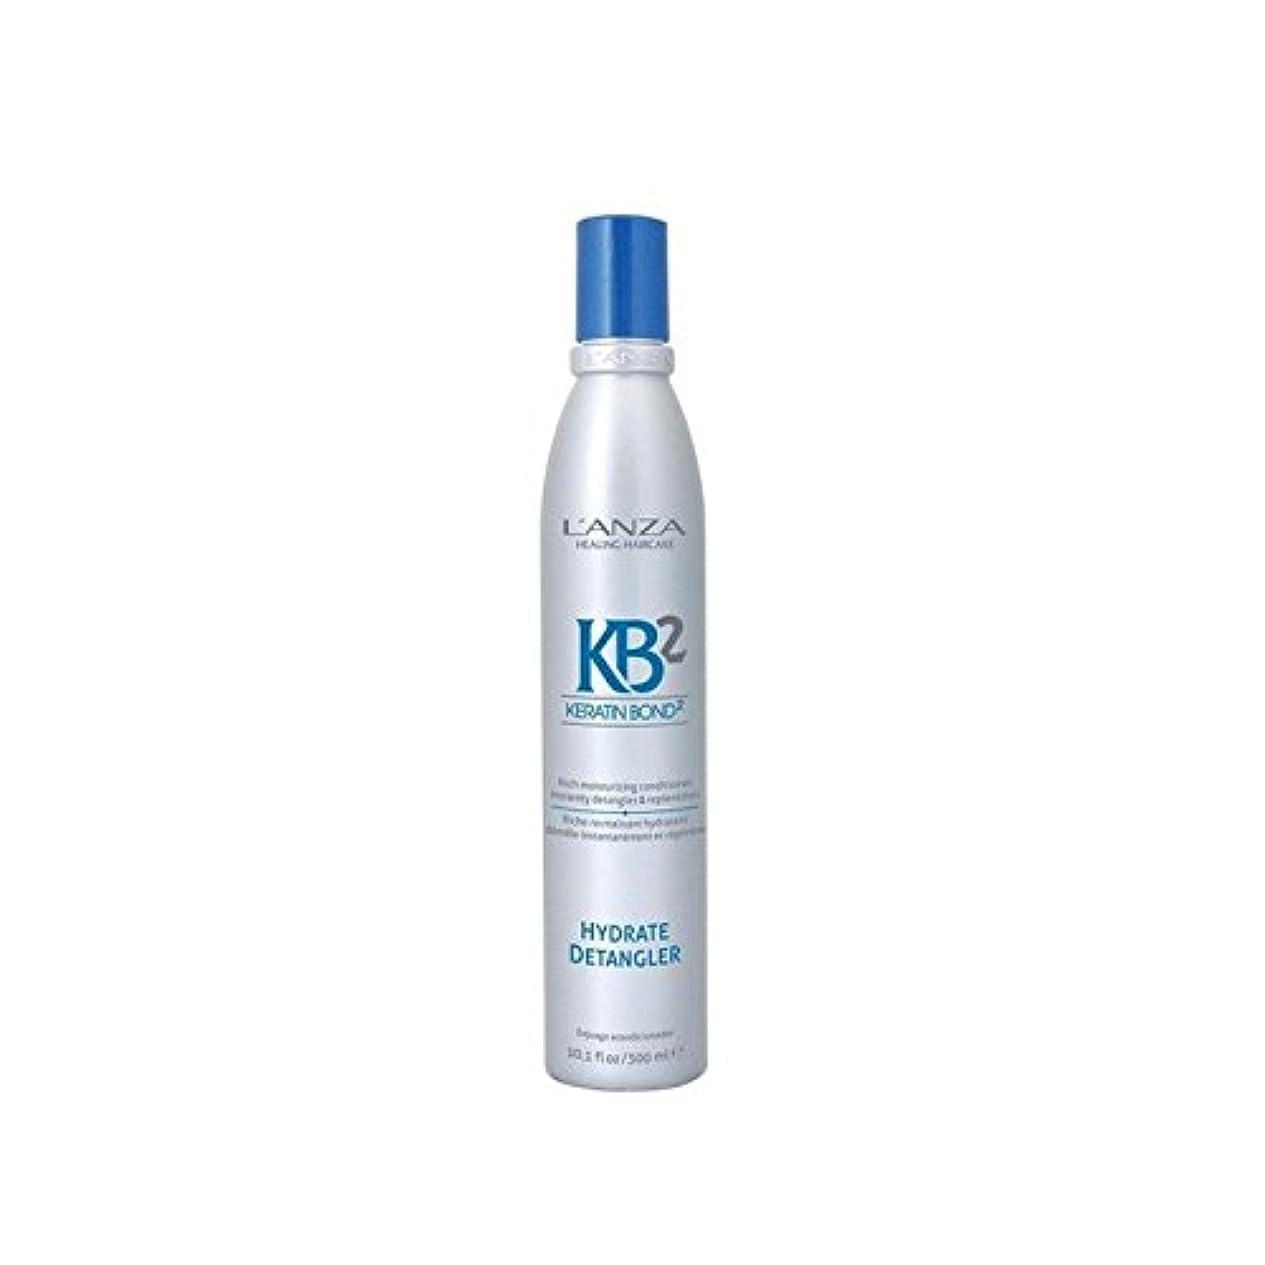 トランジスタジャム実質的L'Anza Kb2 Hydrate Detangler (300ml) (Pack of 6) - アンザ2和物(300ミリリットル) x6 [並行輸入品]